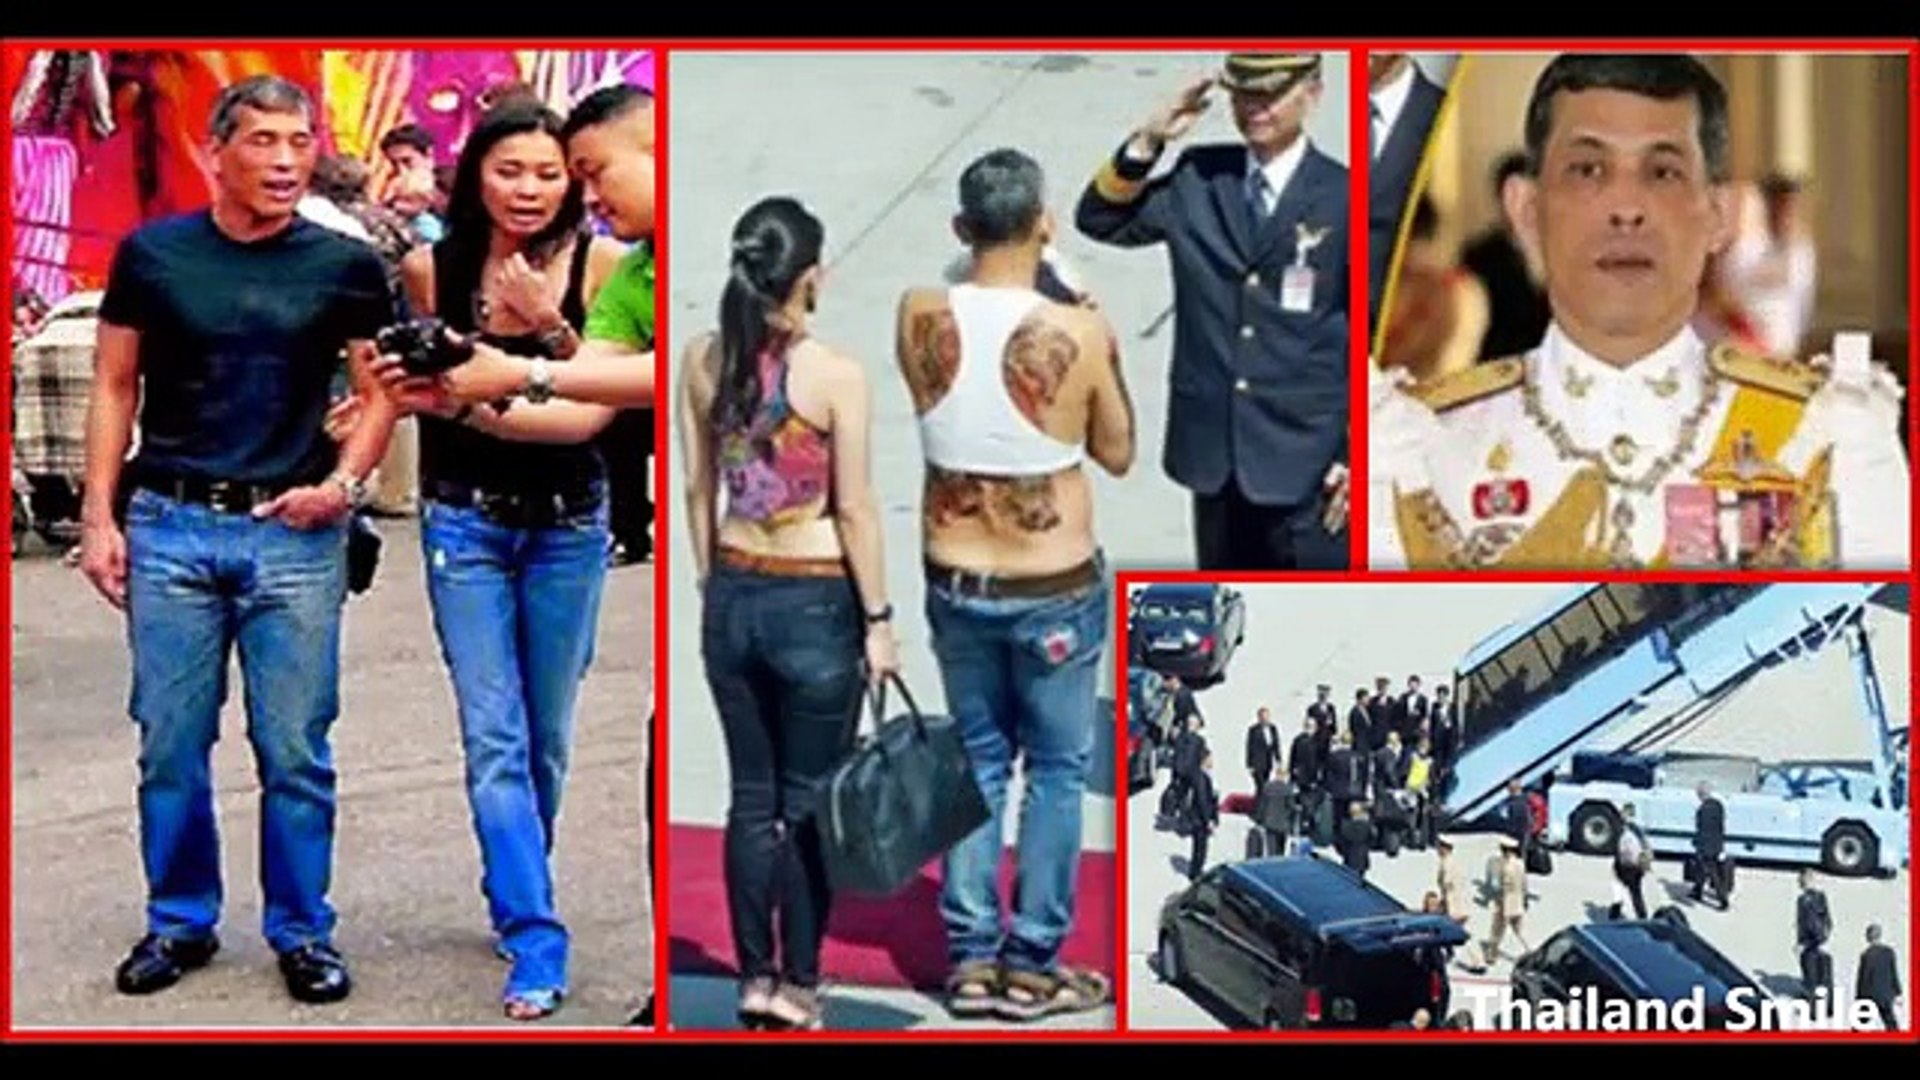 แอร์สุทิดา ติดใจ หรือปัจจุบันคือหม่อมนุ้ย สุทิดา วชิราลงกรณ์  ว่าที่พระราชินีสุดสวยของไทย!!! - วิดีโอ Dailymotion